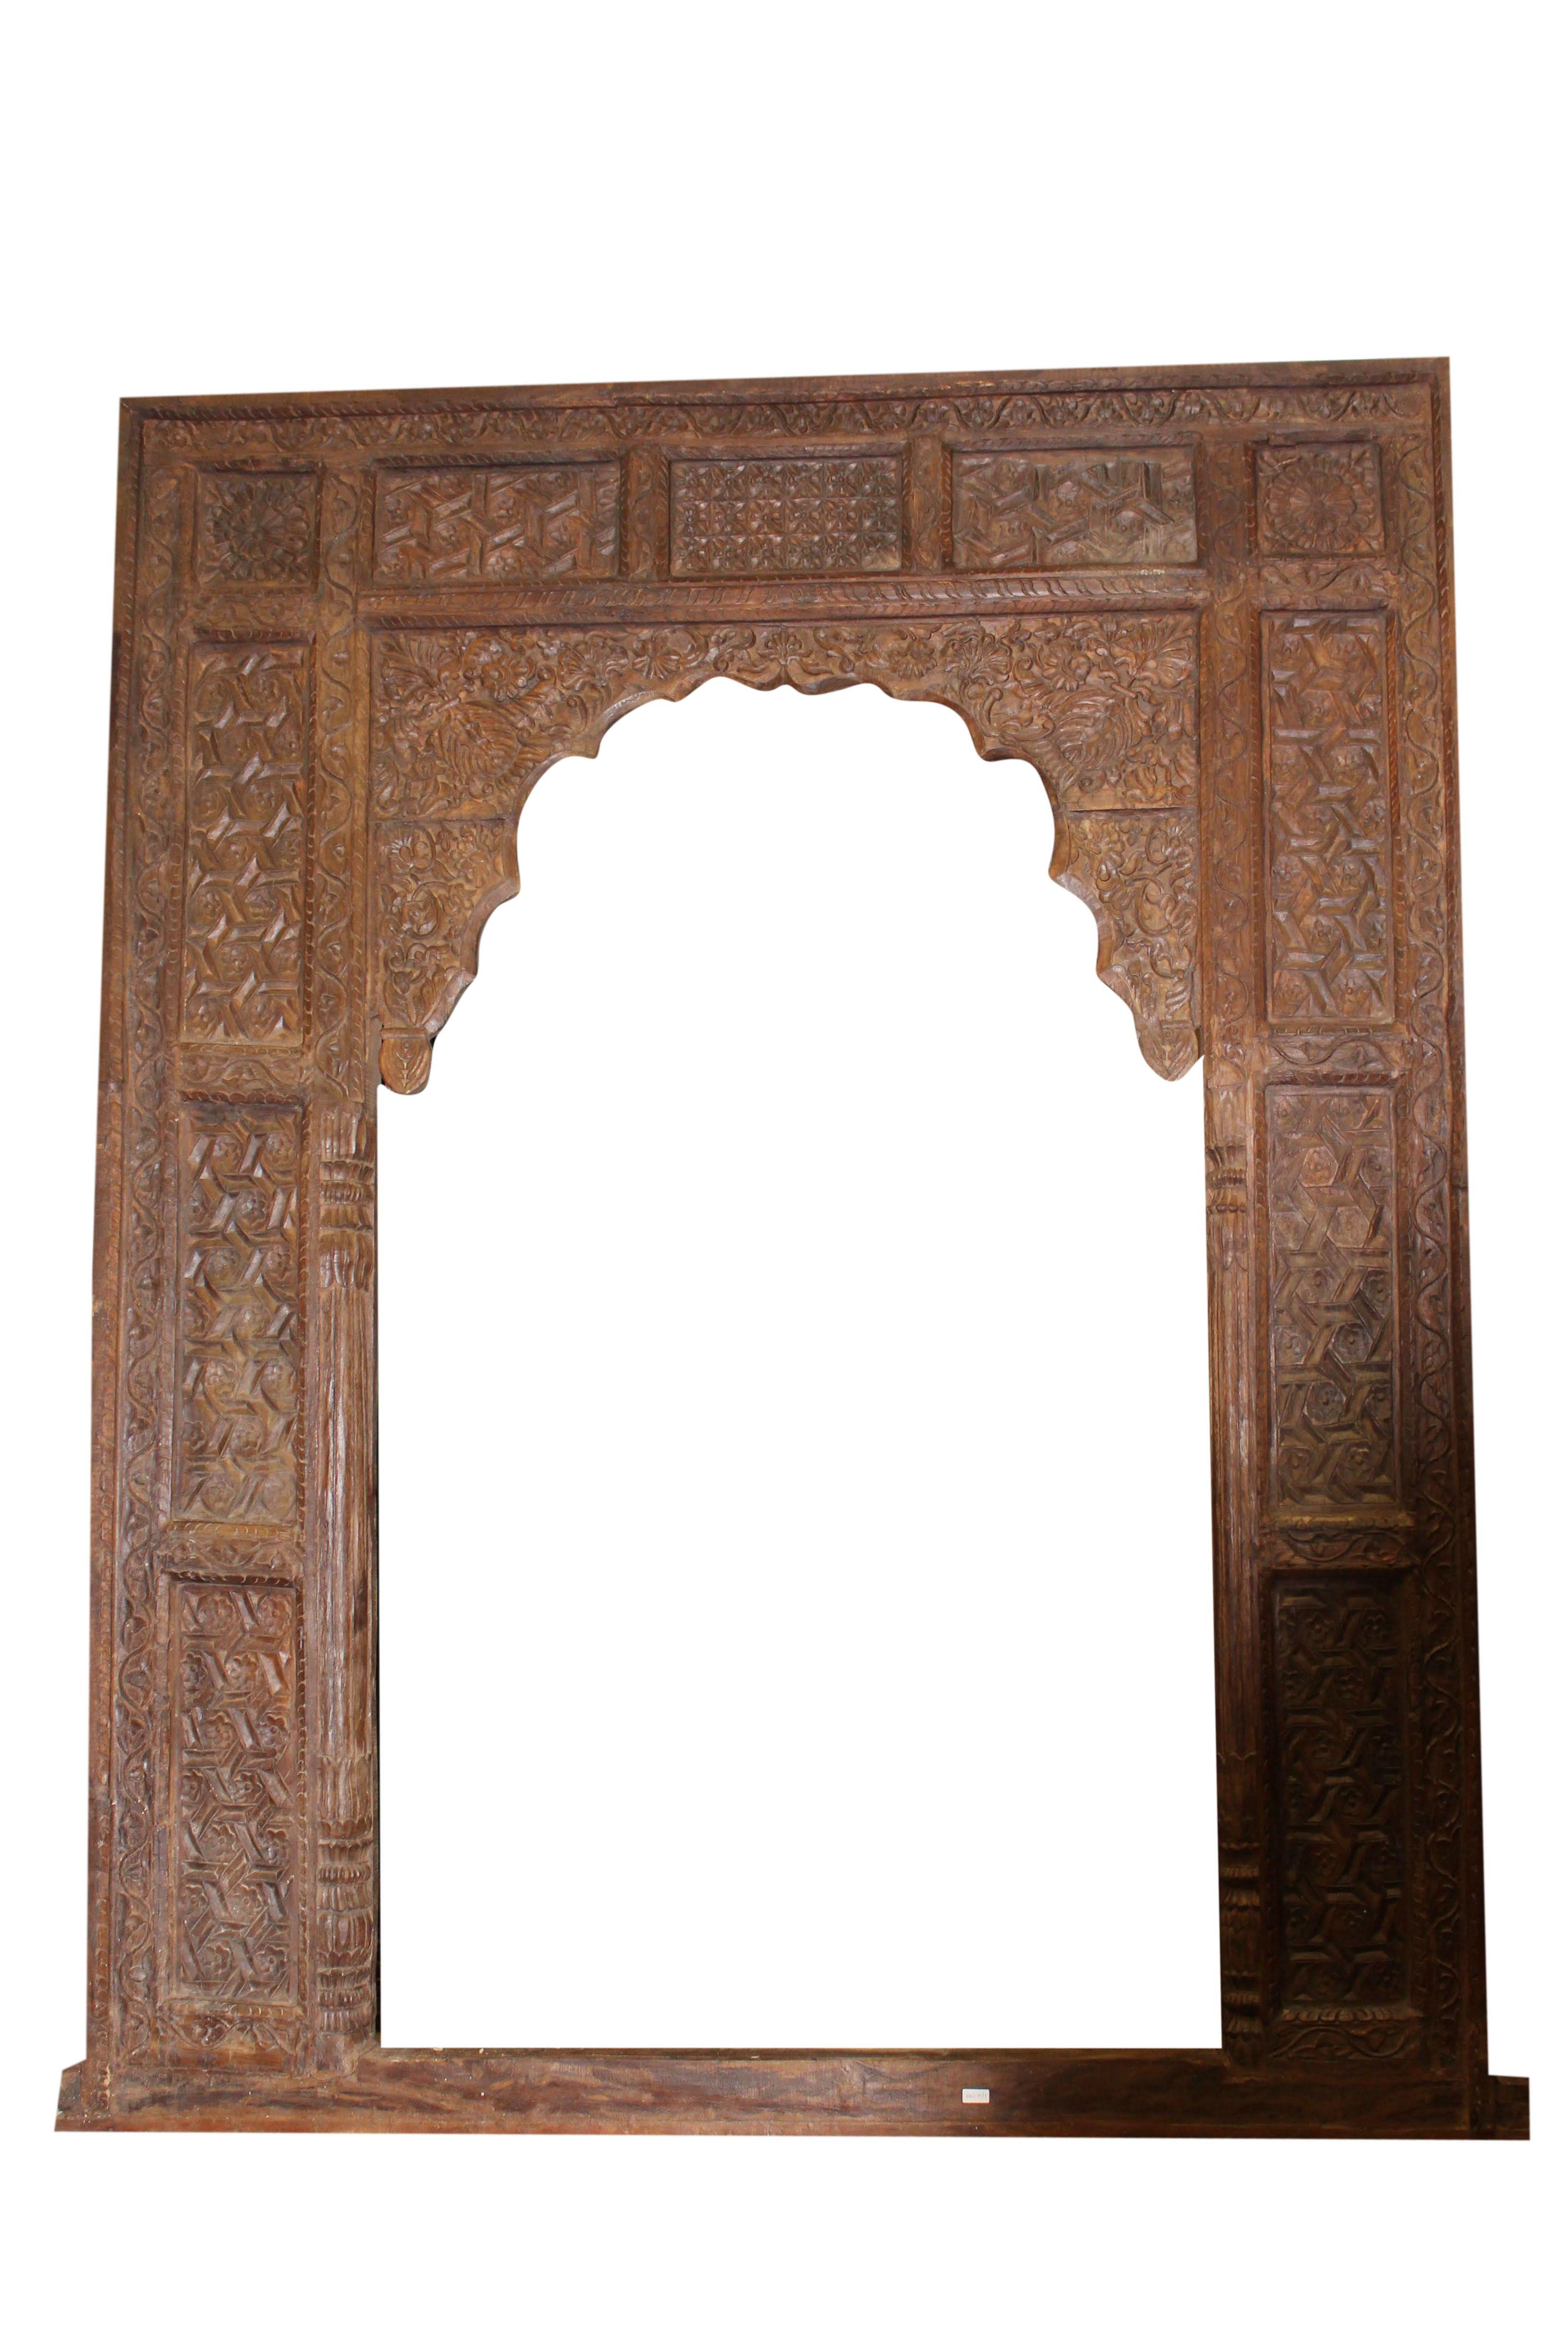 Antique Wooden Arch Indian Handcarving Door Frame Design Huge Archway Door Wooden Arch Door Frame Arched Doors